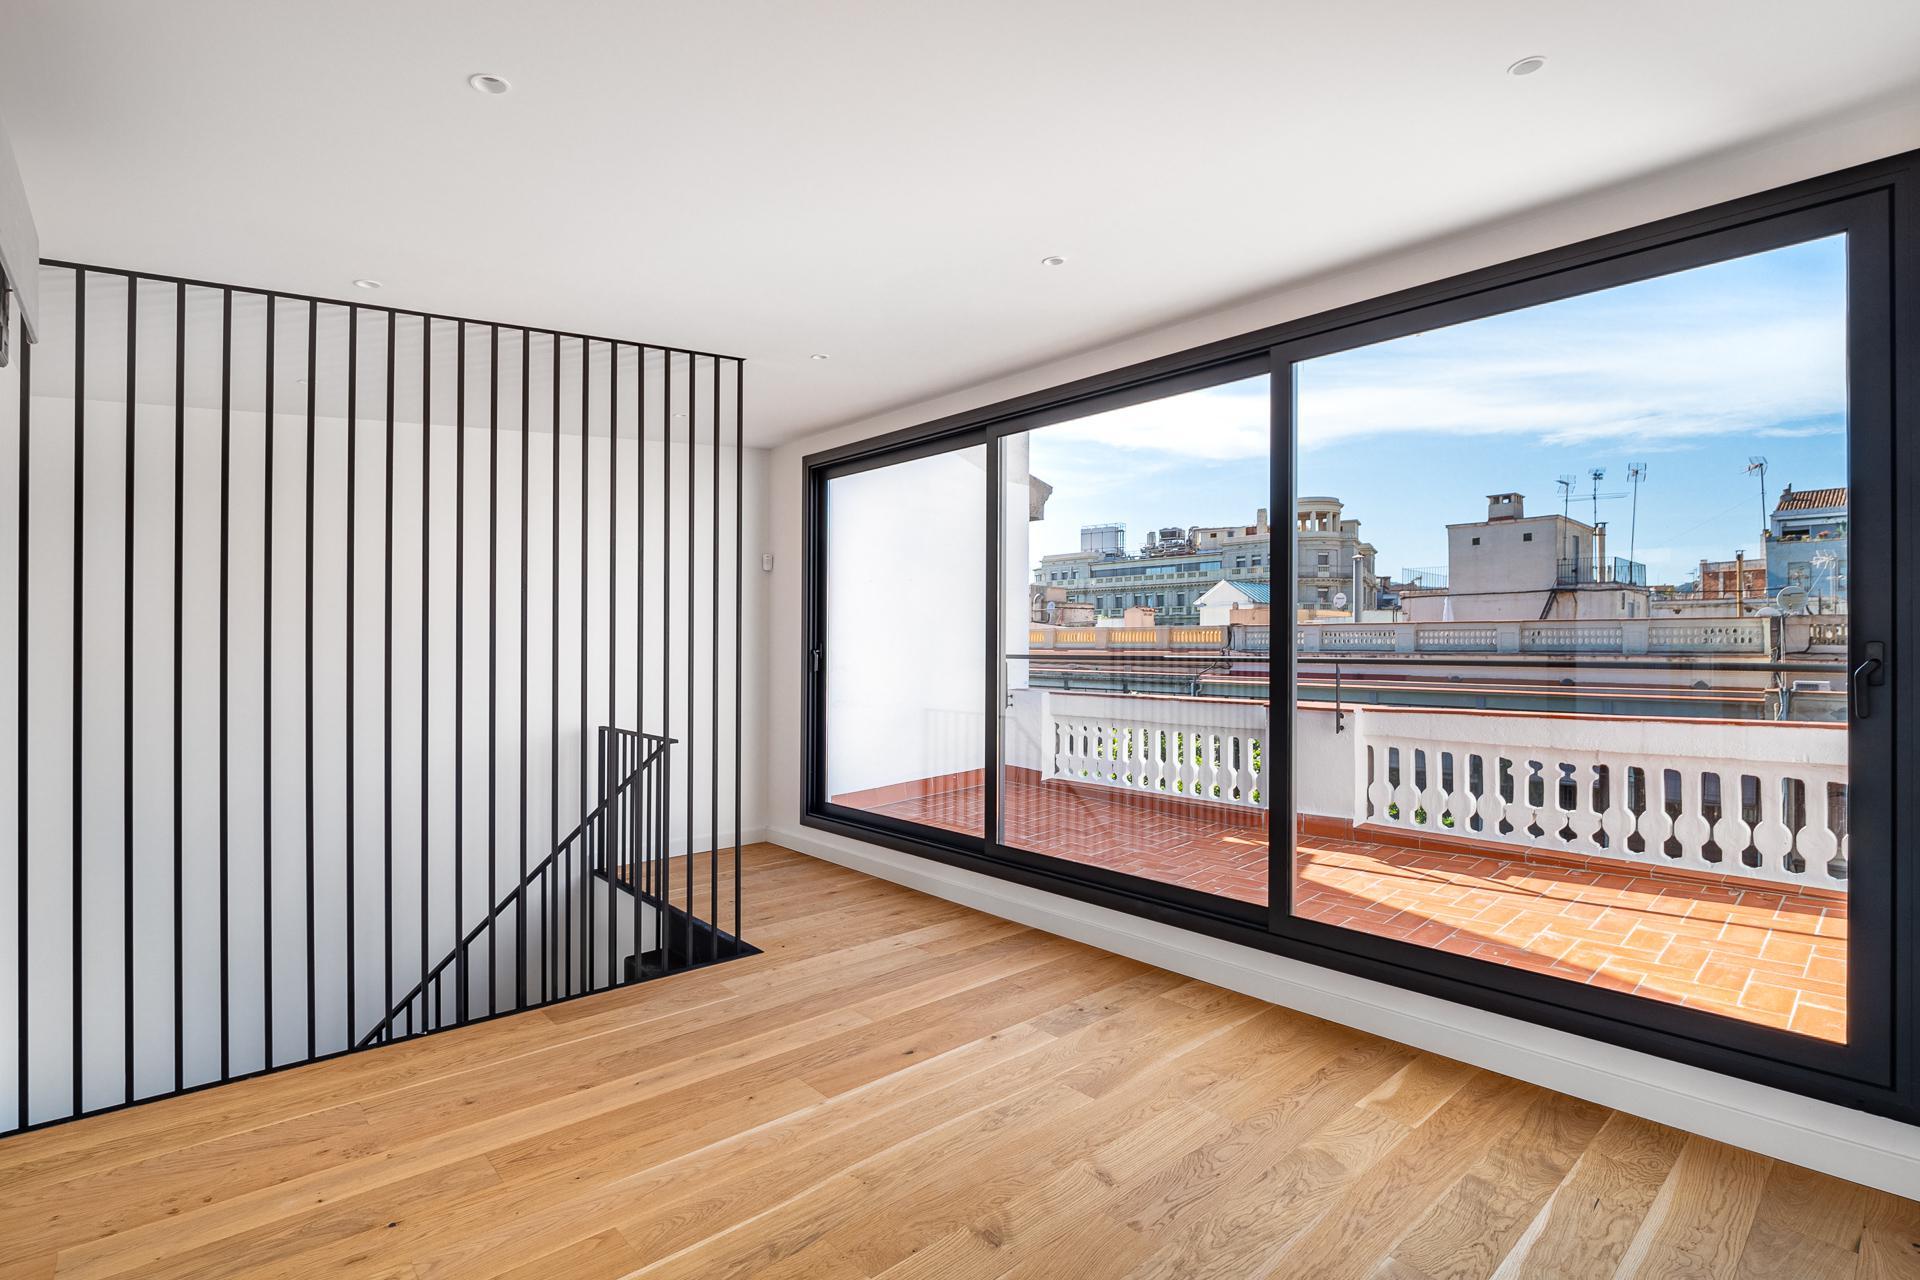 245902 Penthouse for sale in Ciutat Vella, St. Pere St. Caterina and La Ribera 4